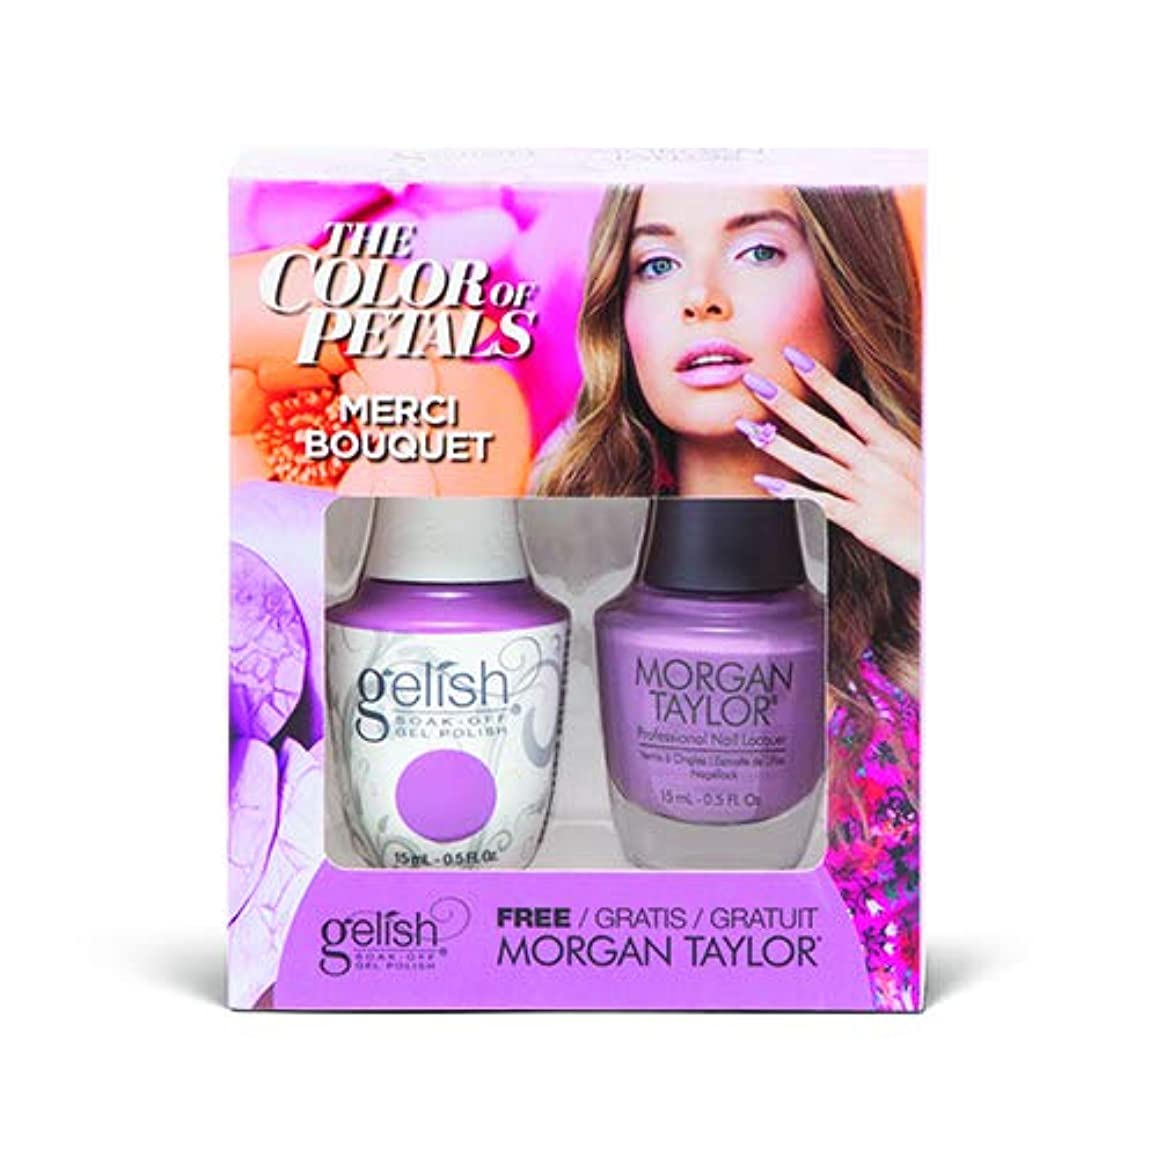 粘液抽象凝視Harmony Gelish - Two Of A Kind - The Color Of Petals - Merci Bouquet - 15 mL / 0.5 Oz